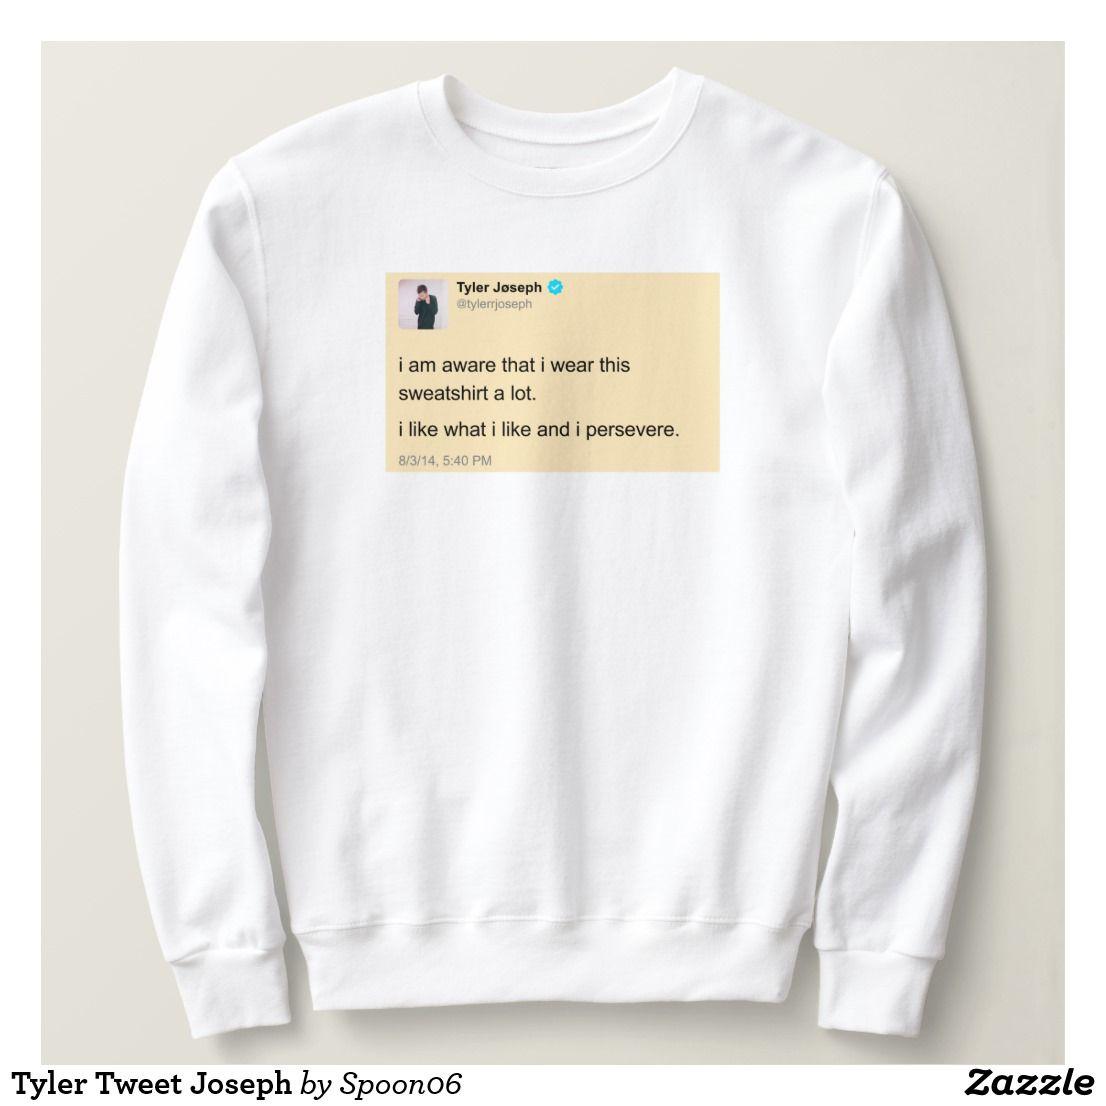 a744746af Tyler Tweet Joseph Sweatshirt | Sweatshirt / Hoodies | Pinterest ...